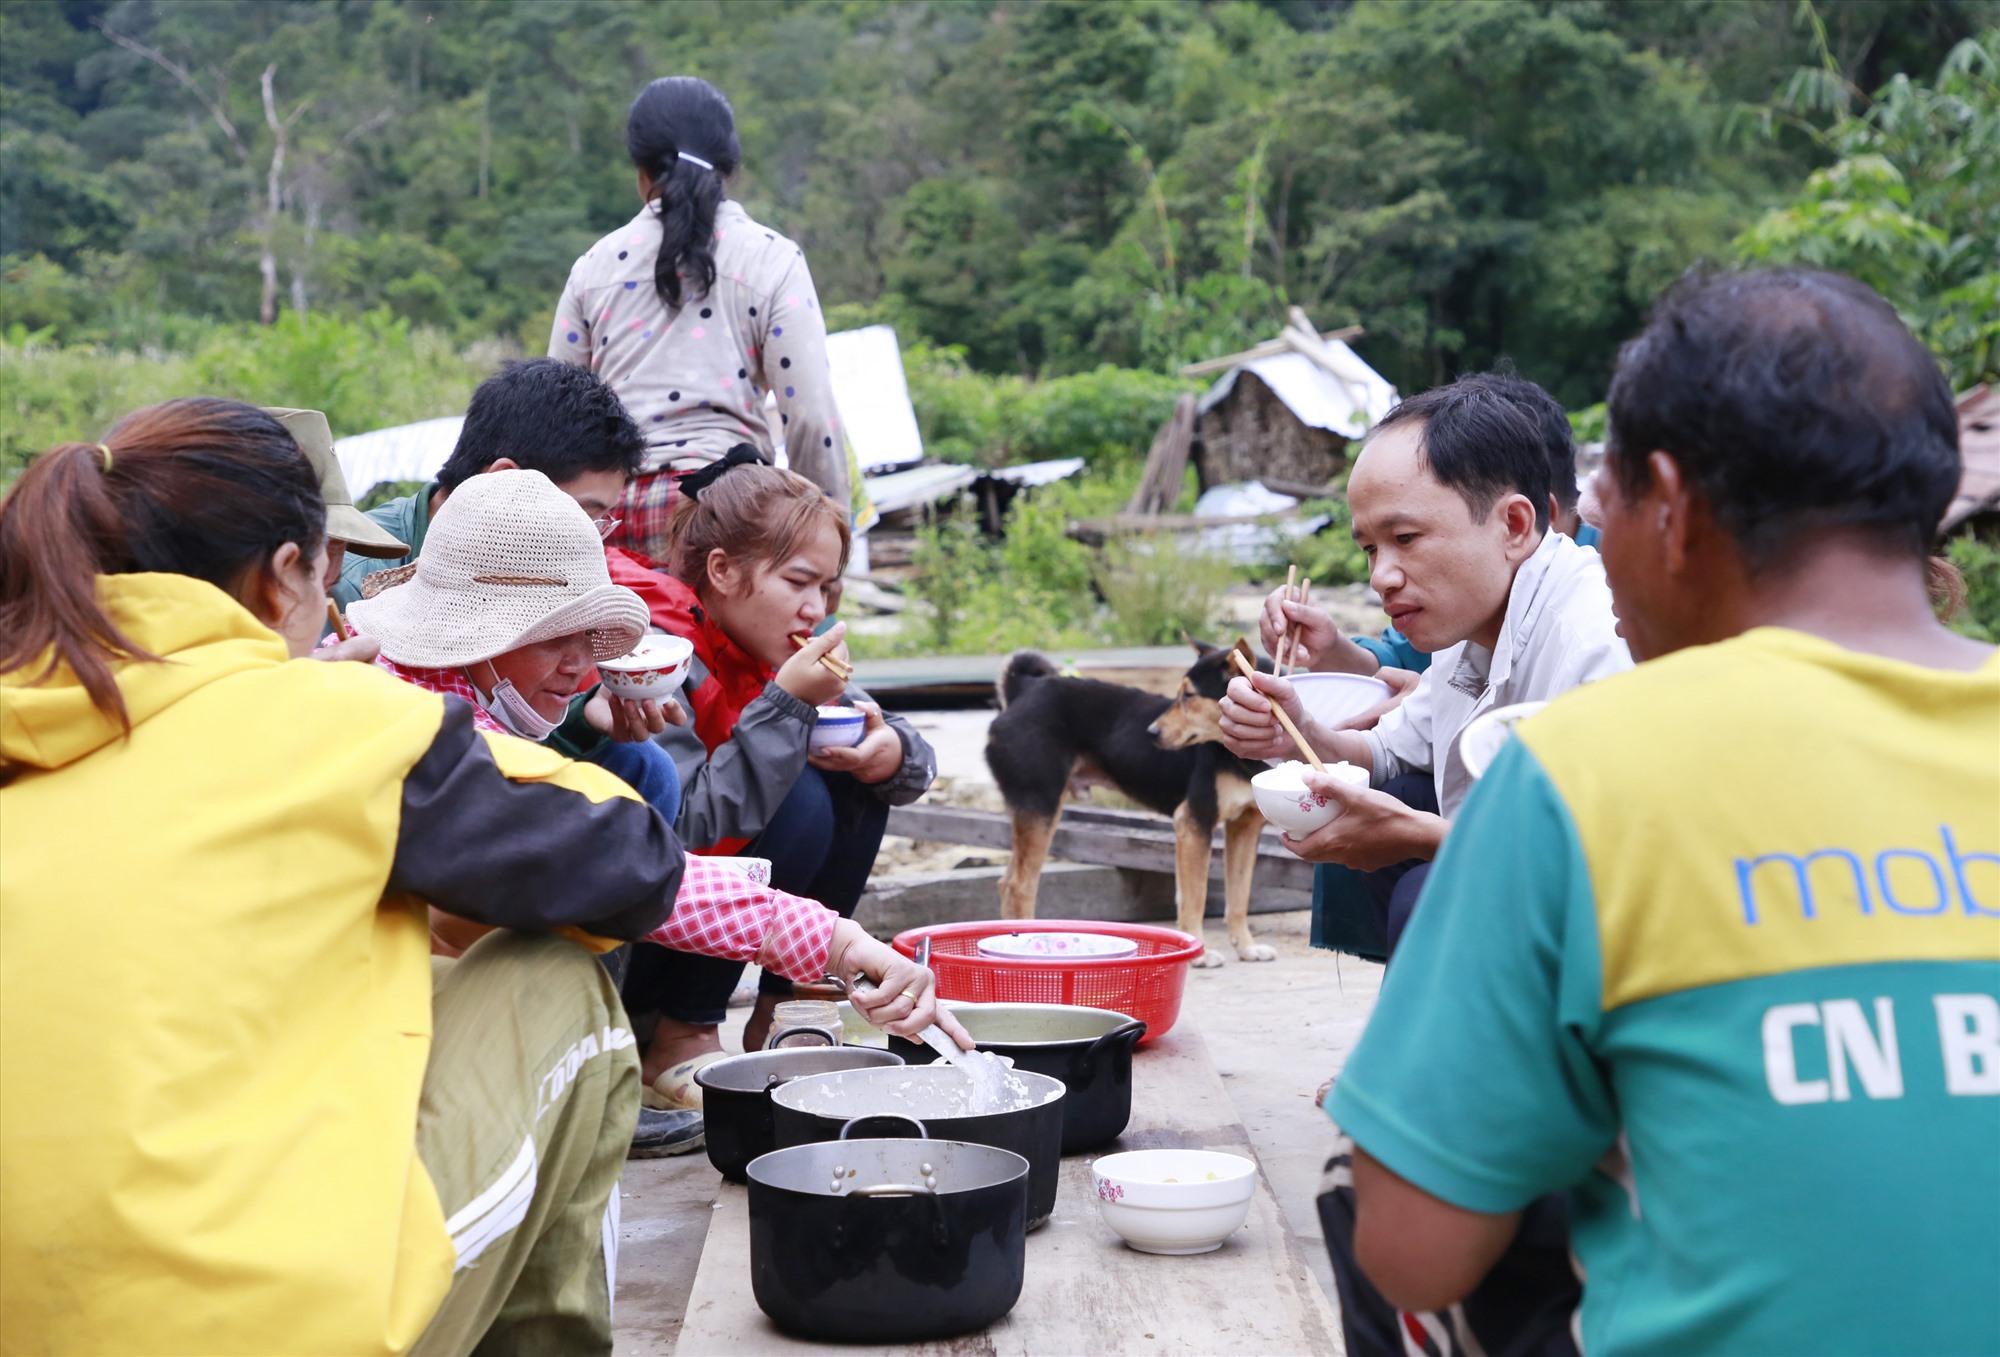 Ông Lưu Huyền Thoại - Chủ tịch UBND xã Phước Lộc trò chuyện với bà con trong bữa cơm nơi làng cũ. Ảnh: T.C